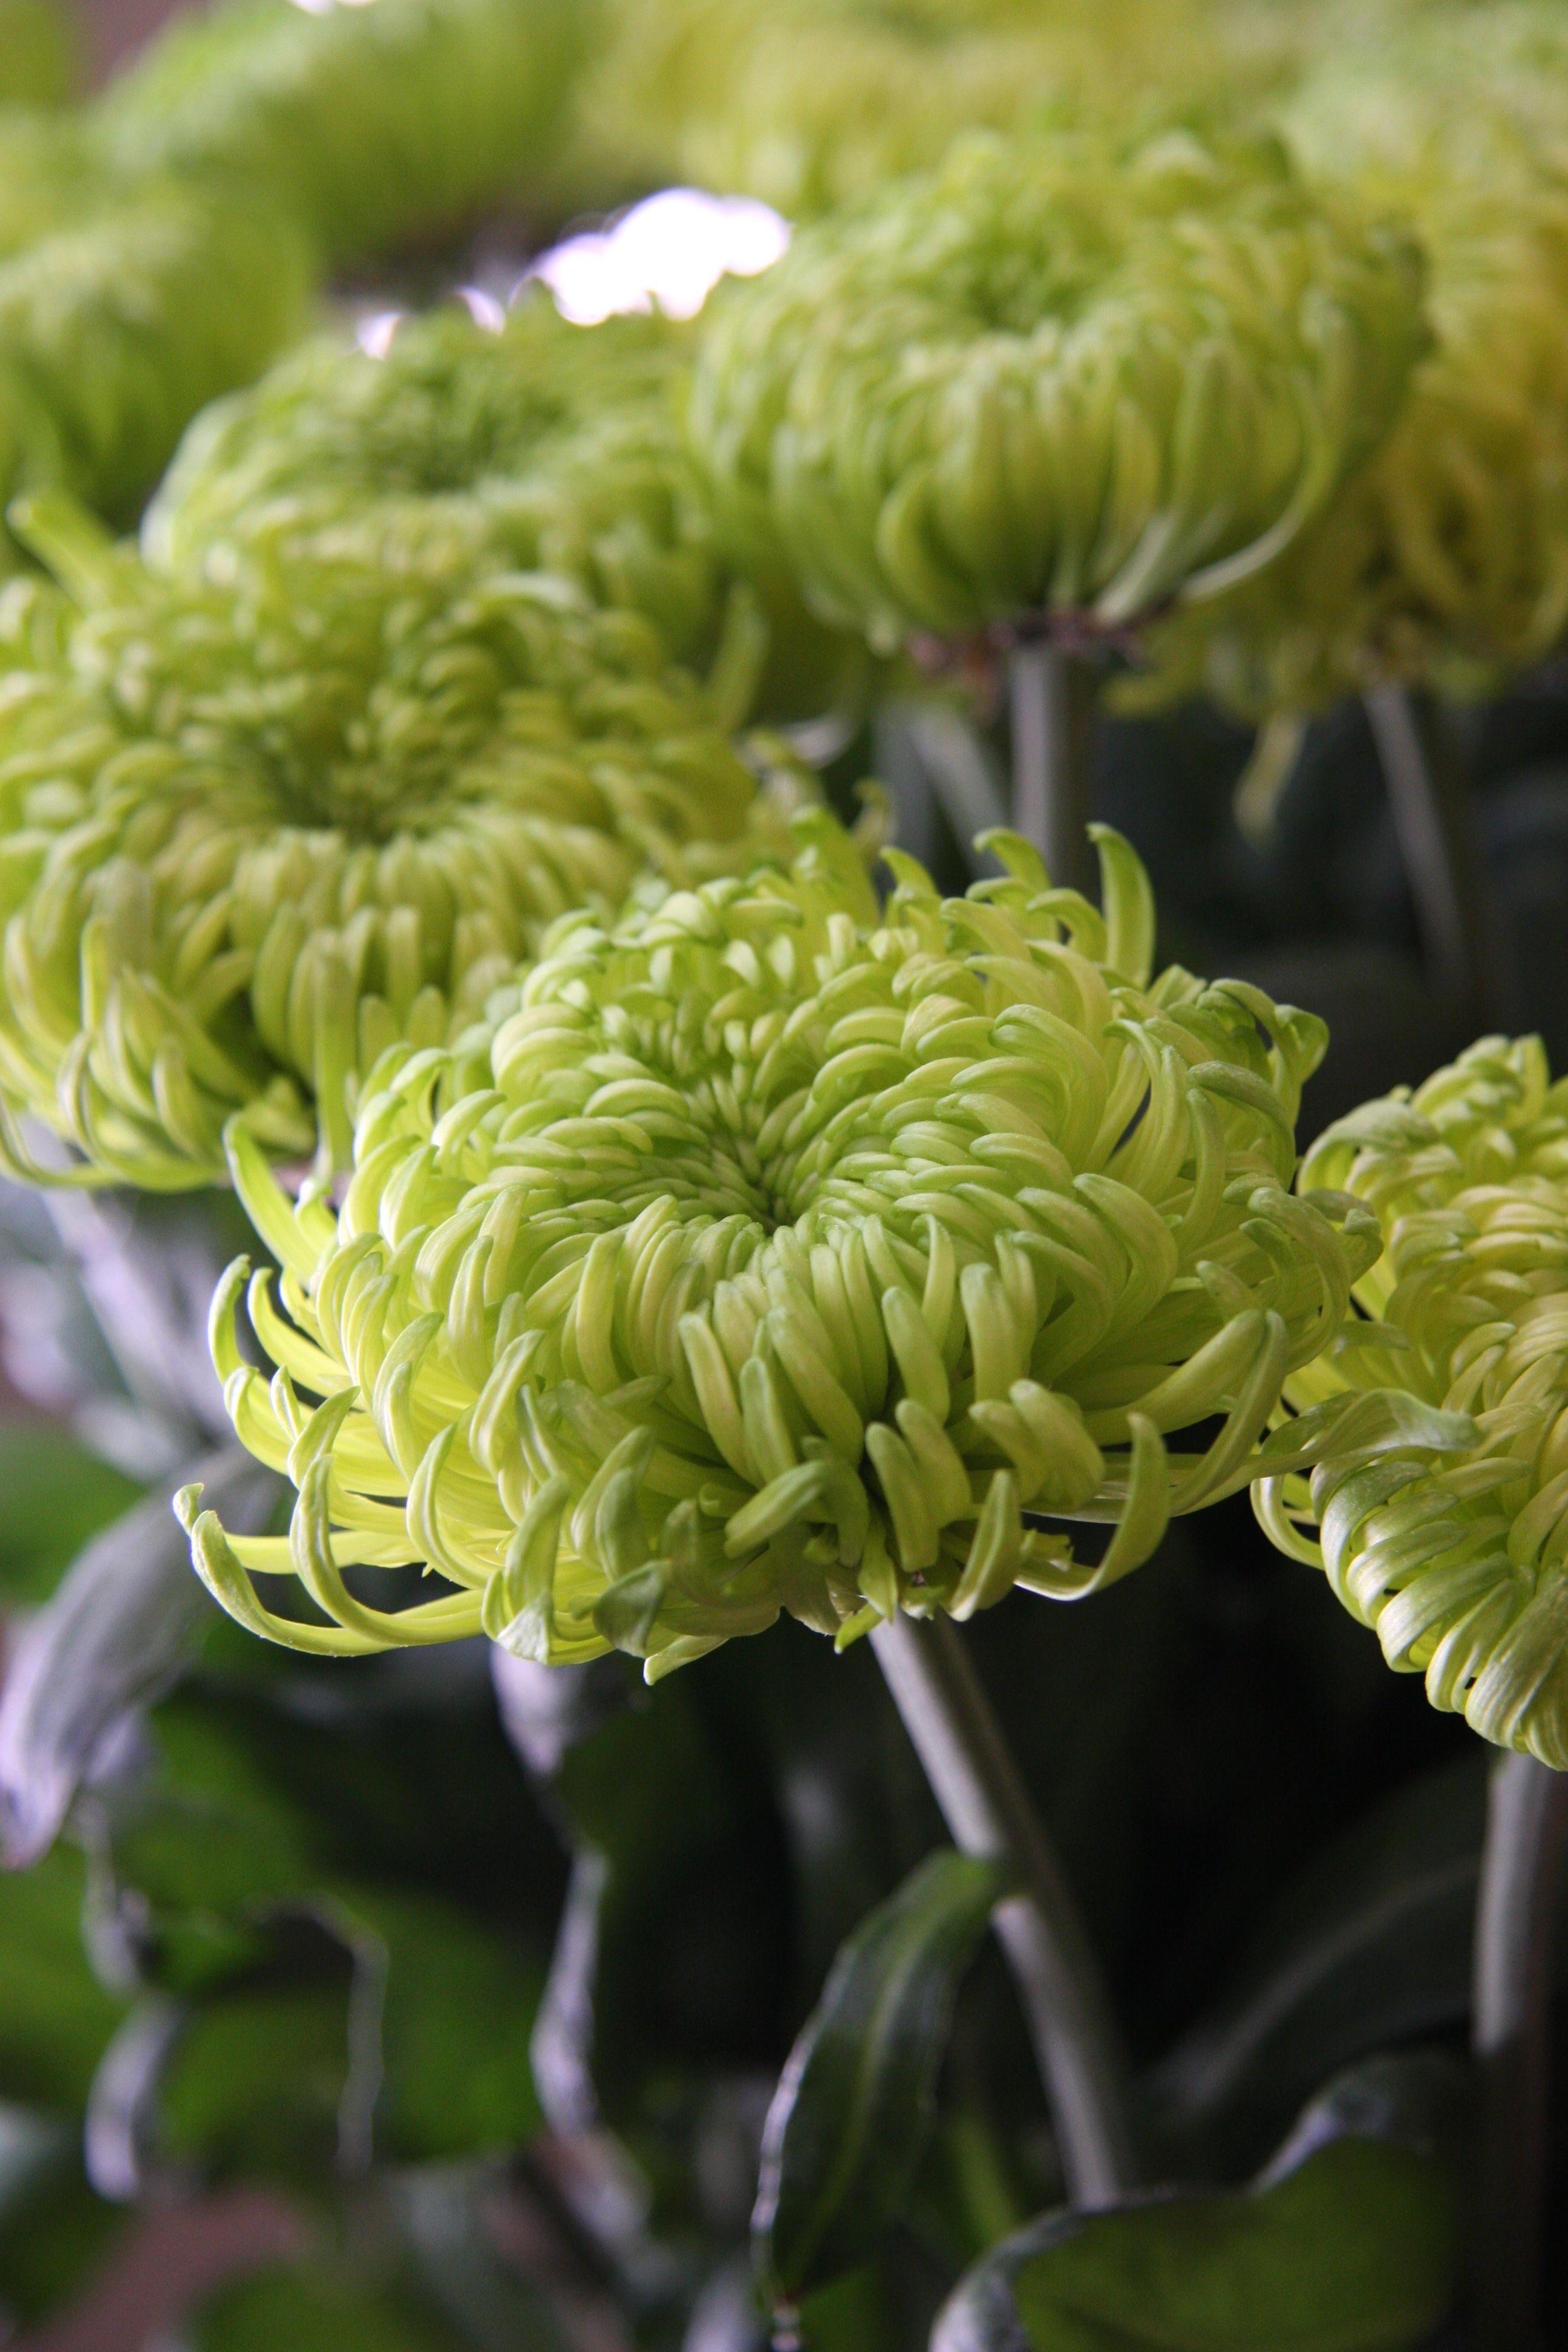 цветы зеленого цвета в саду фото